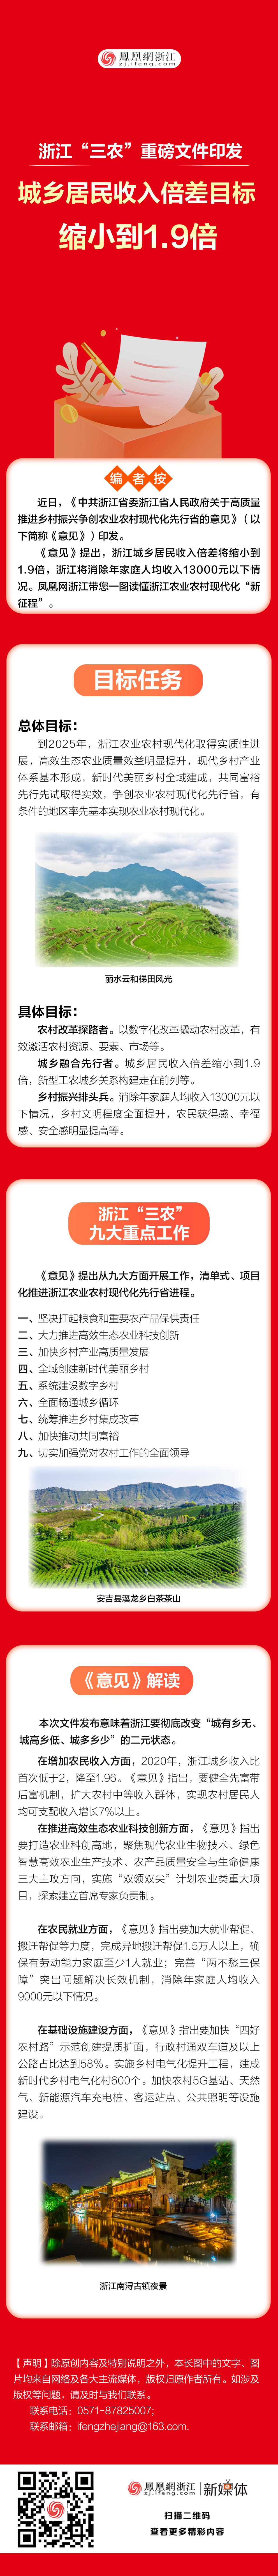 """浙江""""三农""""文件印发:到2025年城乡居民收入倍差缩小到1.9倍"""